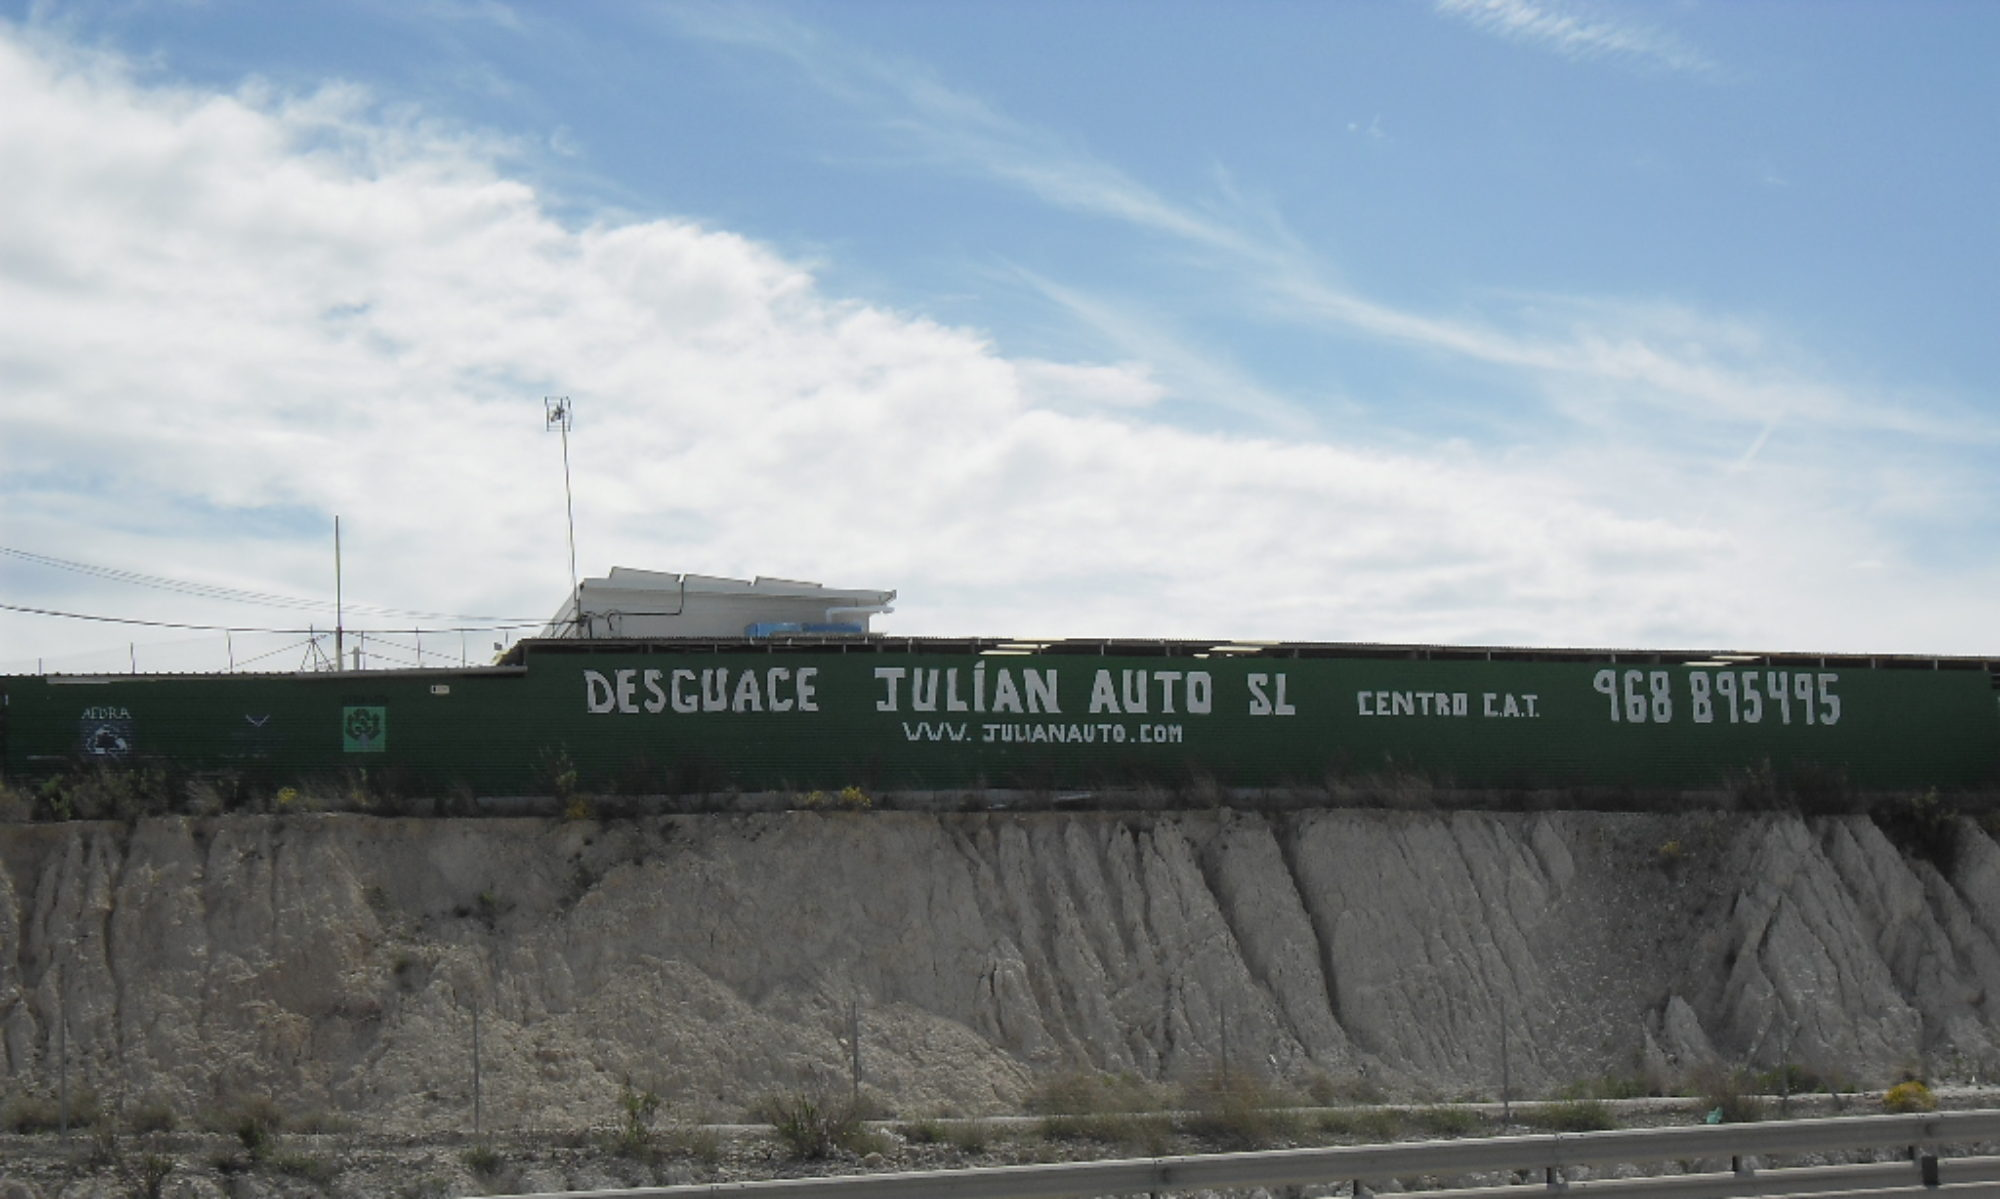 Desguace Julian Auto, s.l.